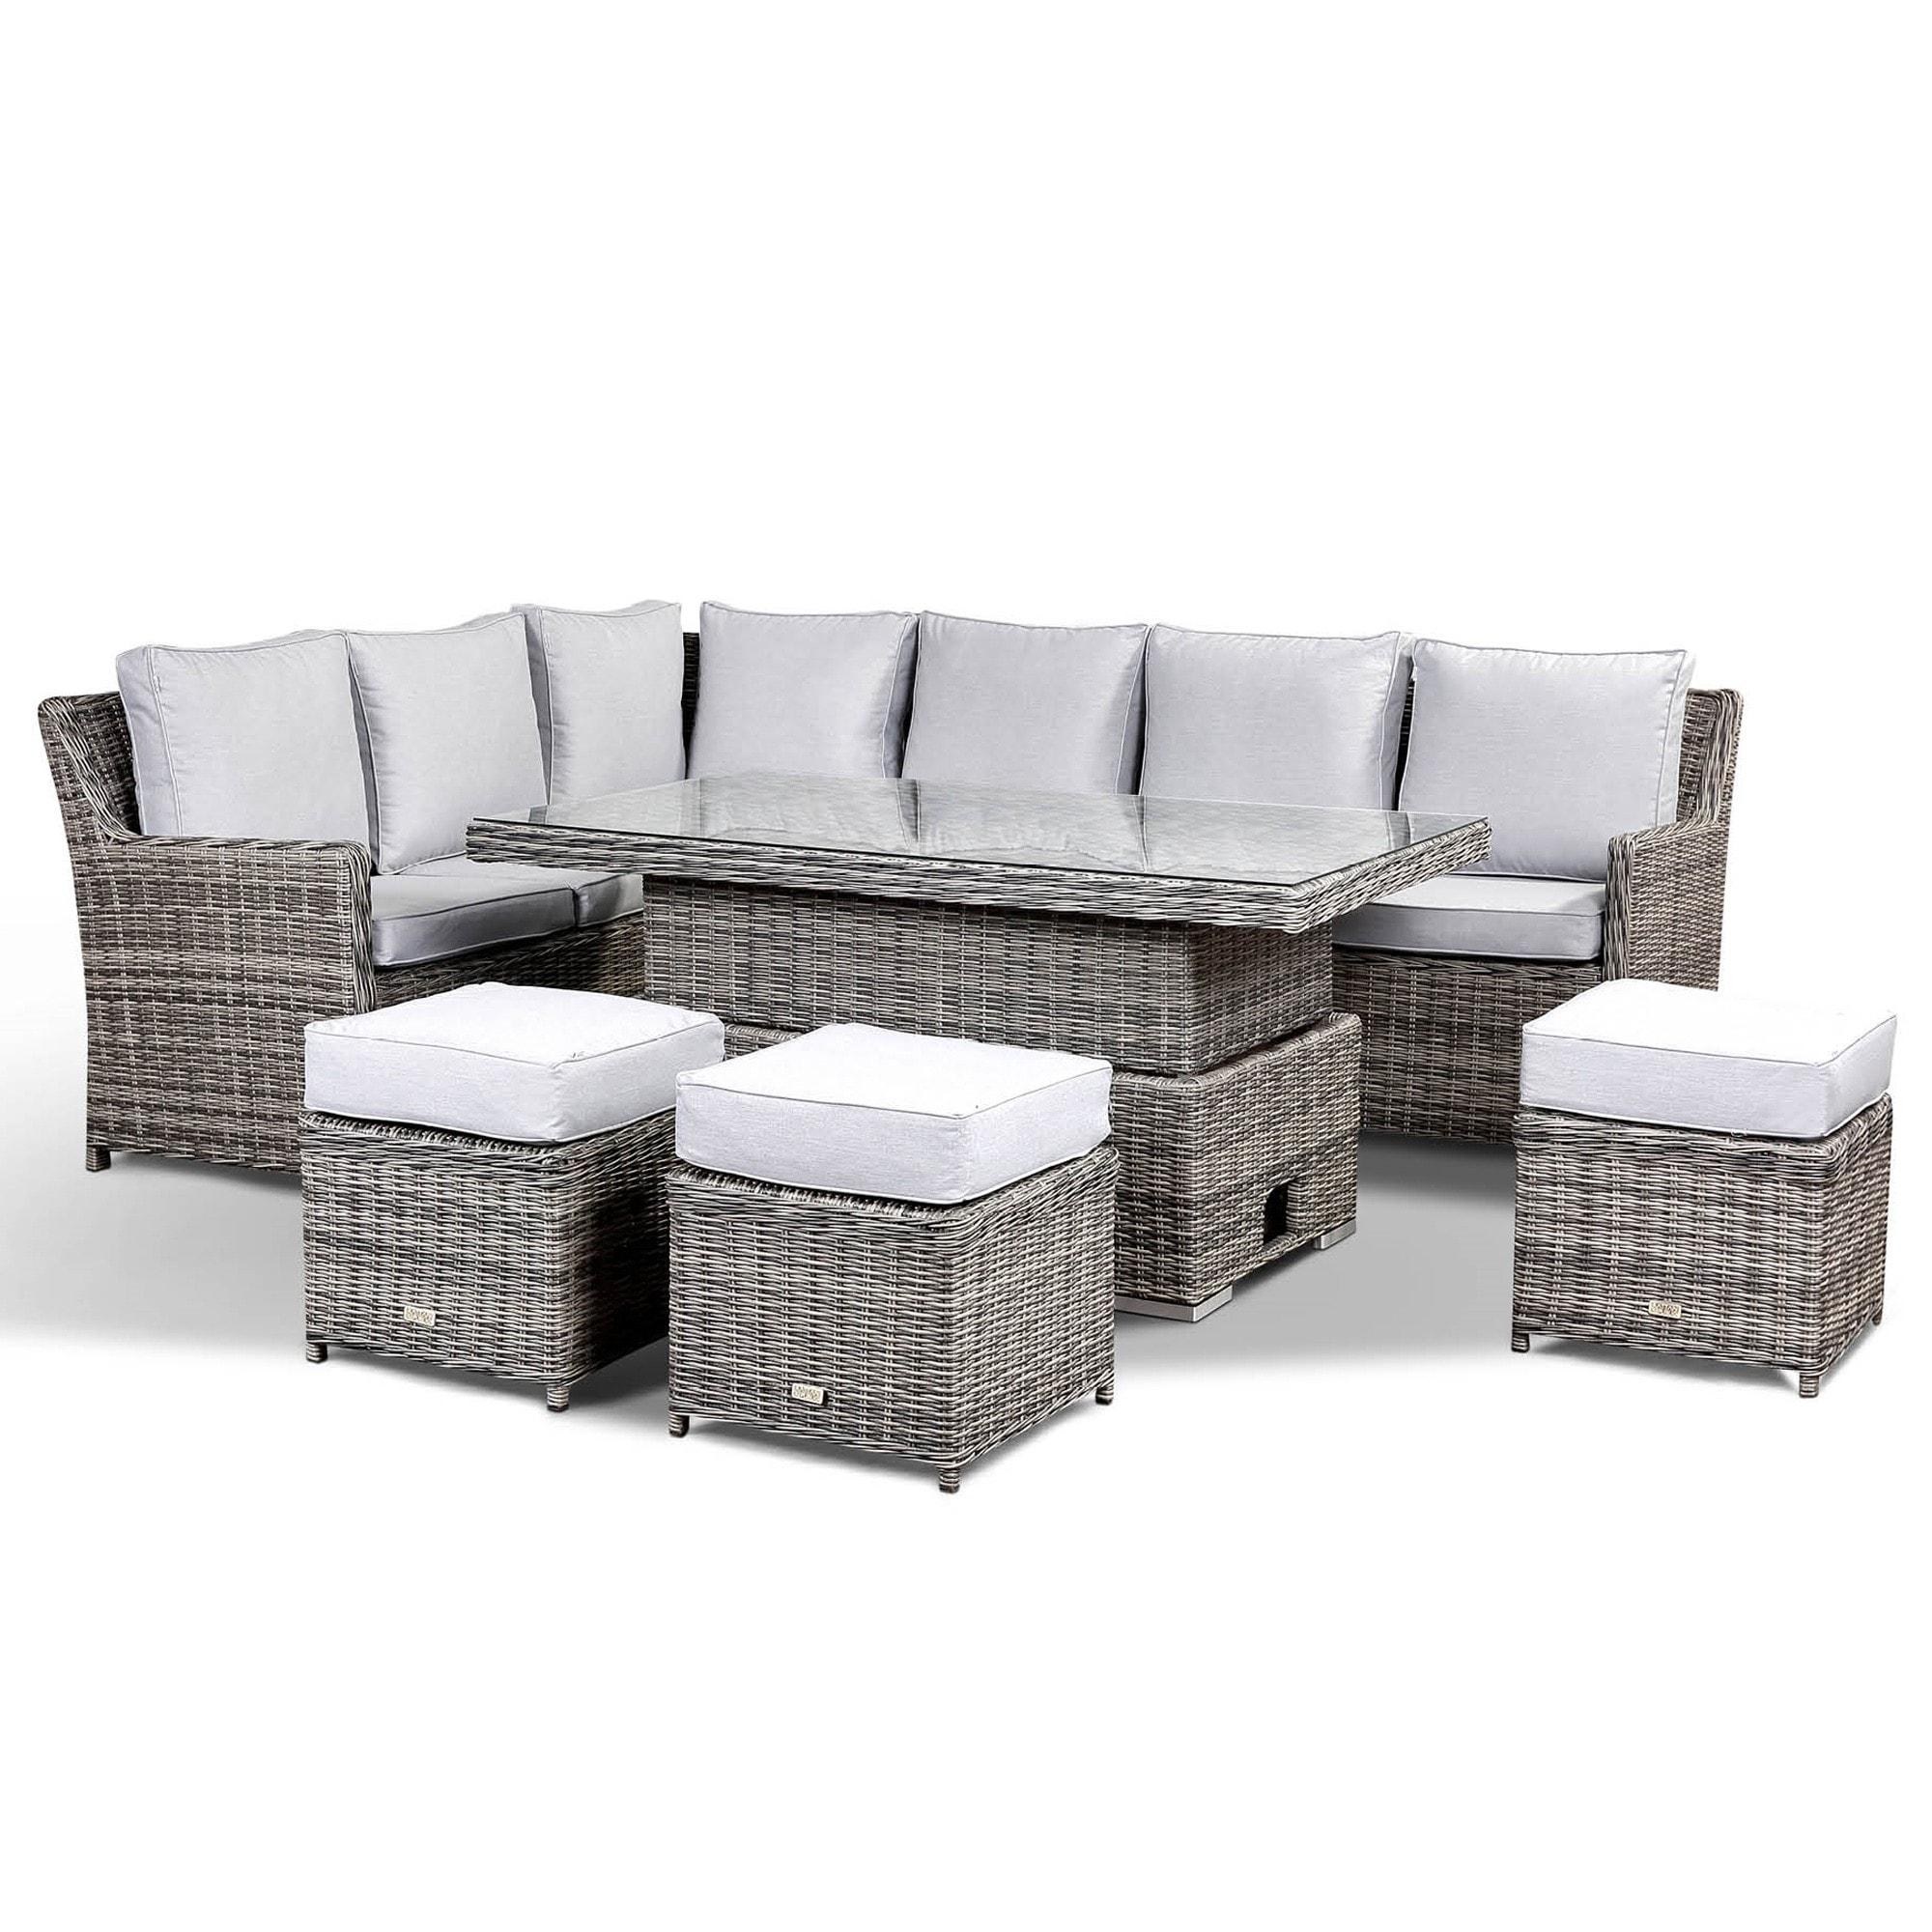 Imola 10 Seat Grey Rattan Garden Set